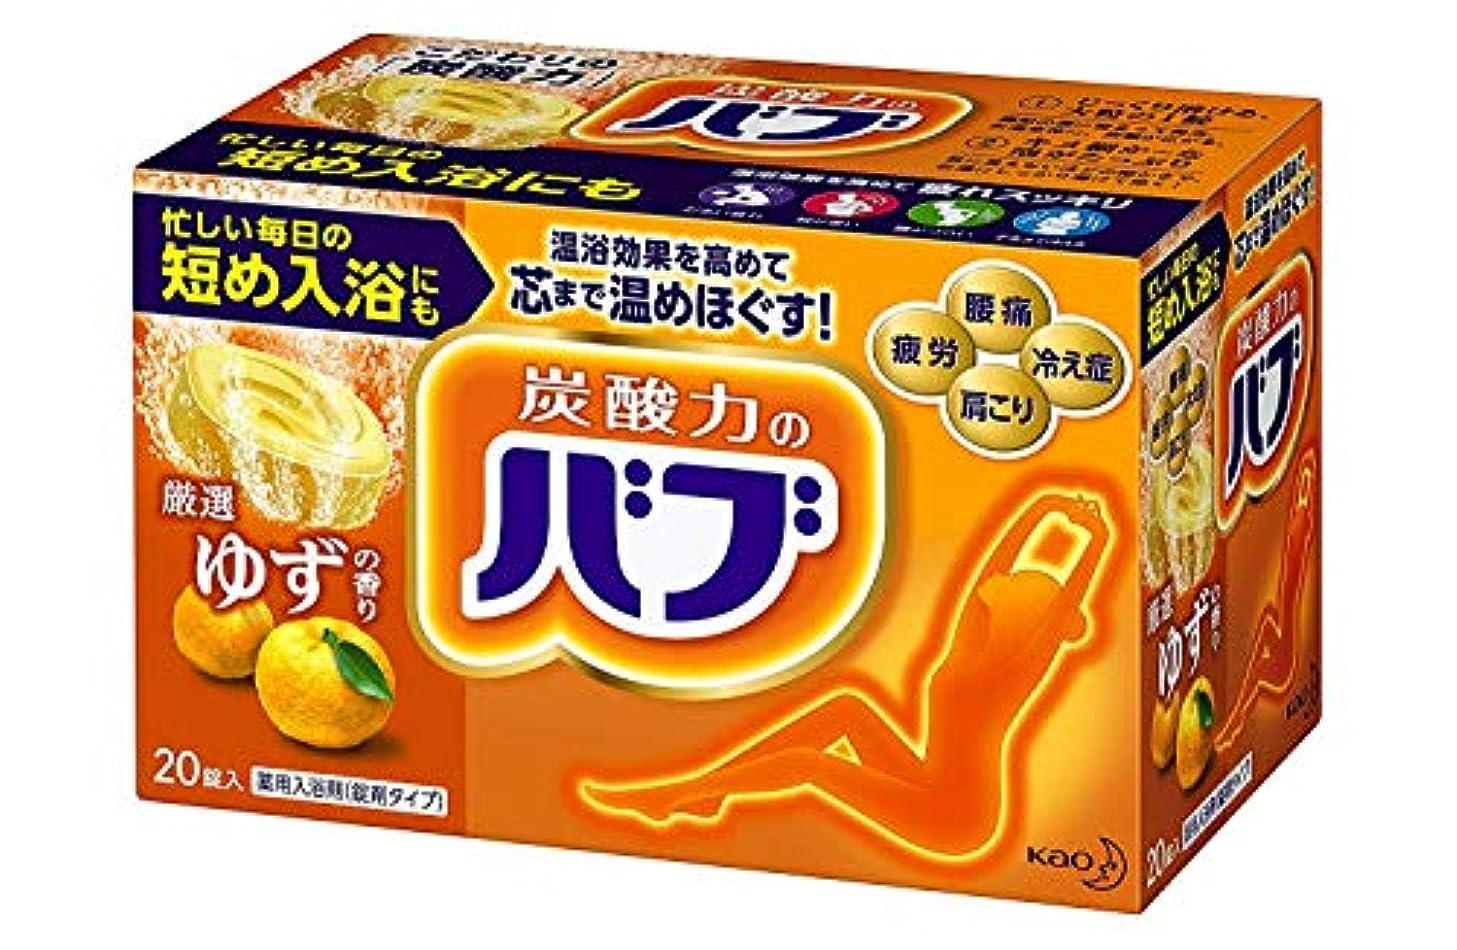 パドル漂流破壊する【花王】バブ ユズの香り (40g×20錠) ×5個セット